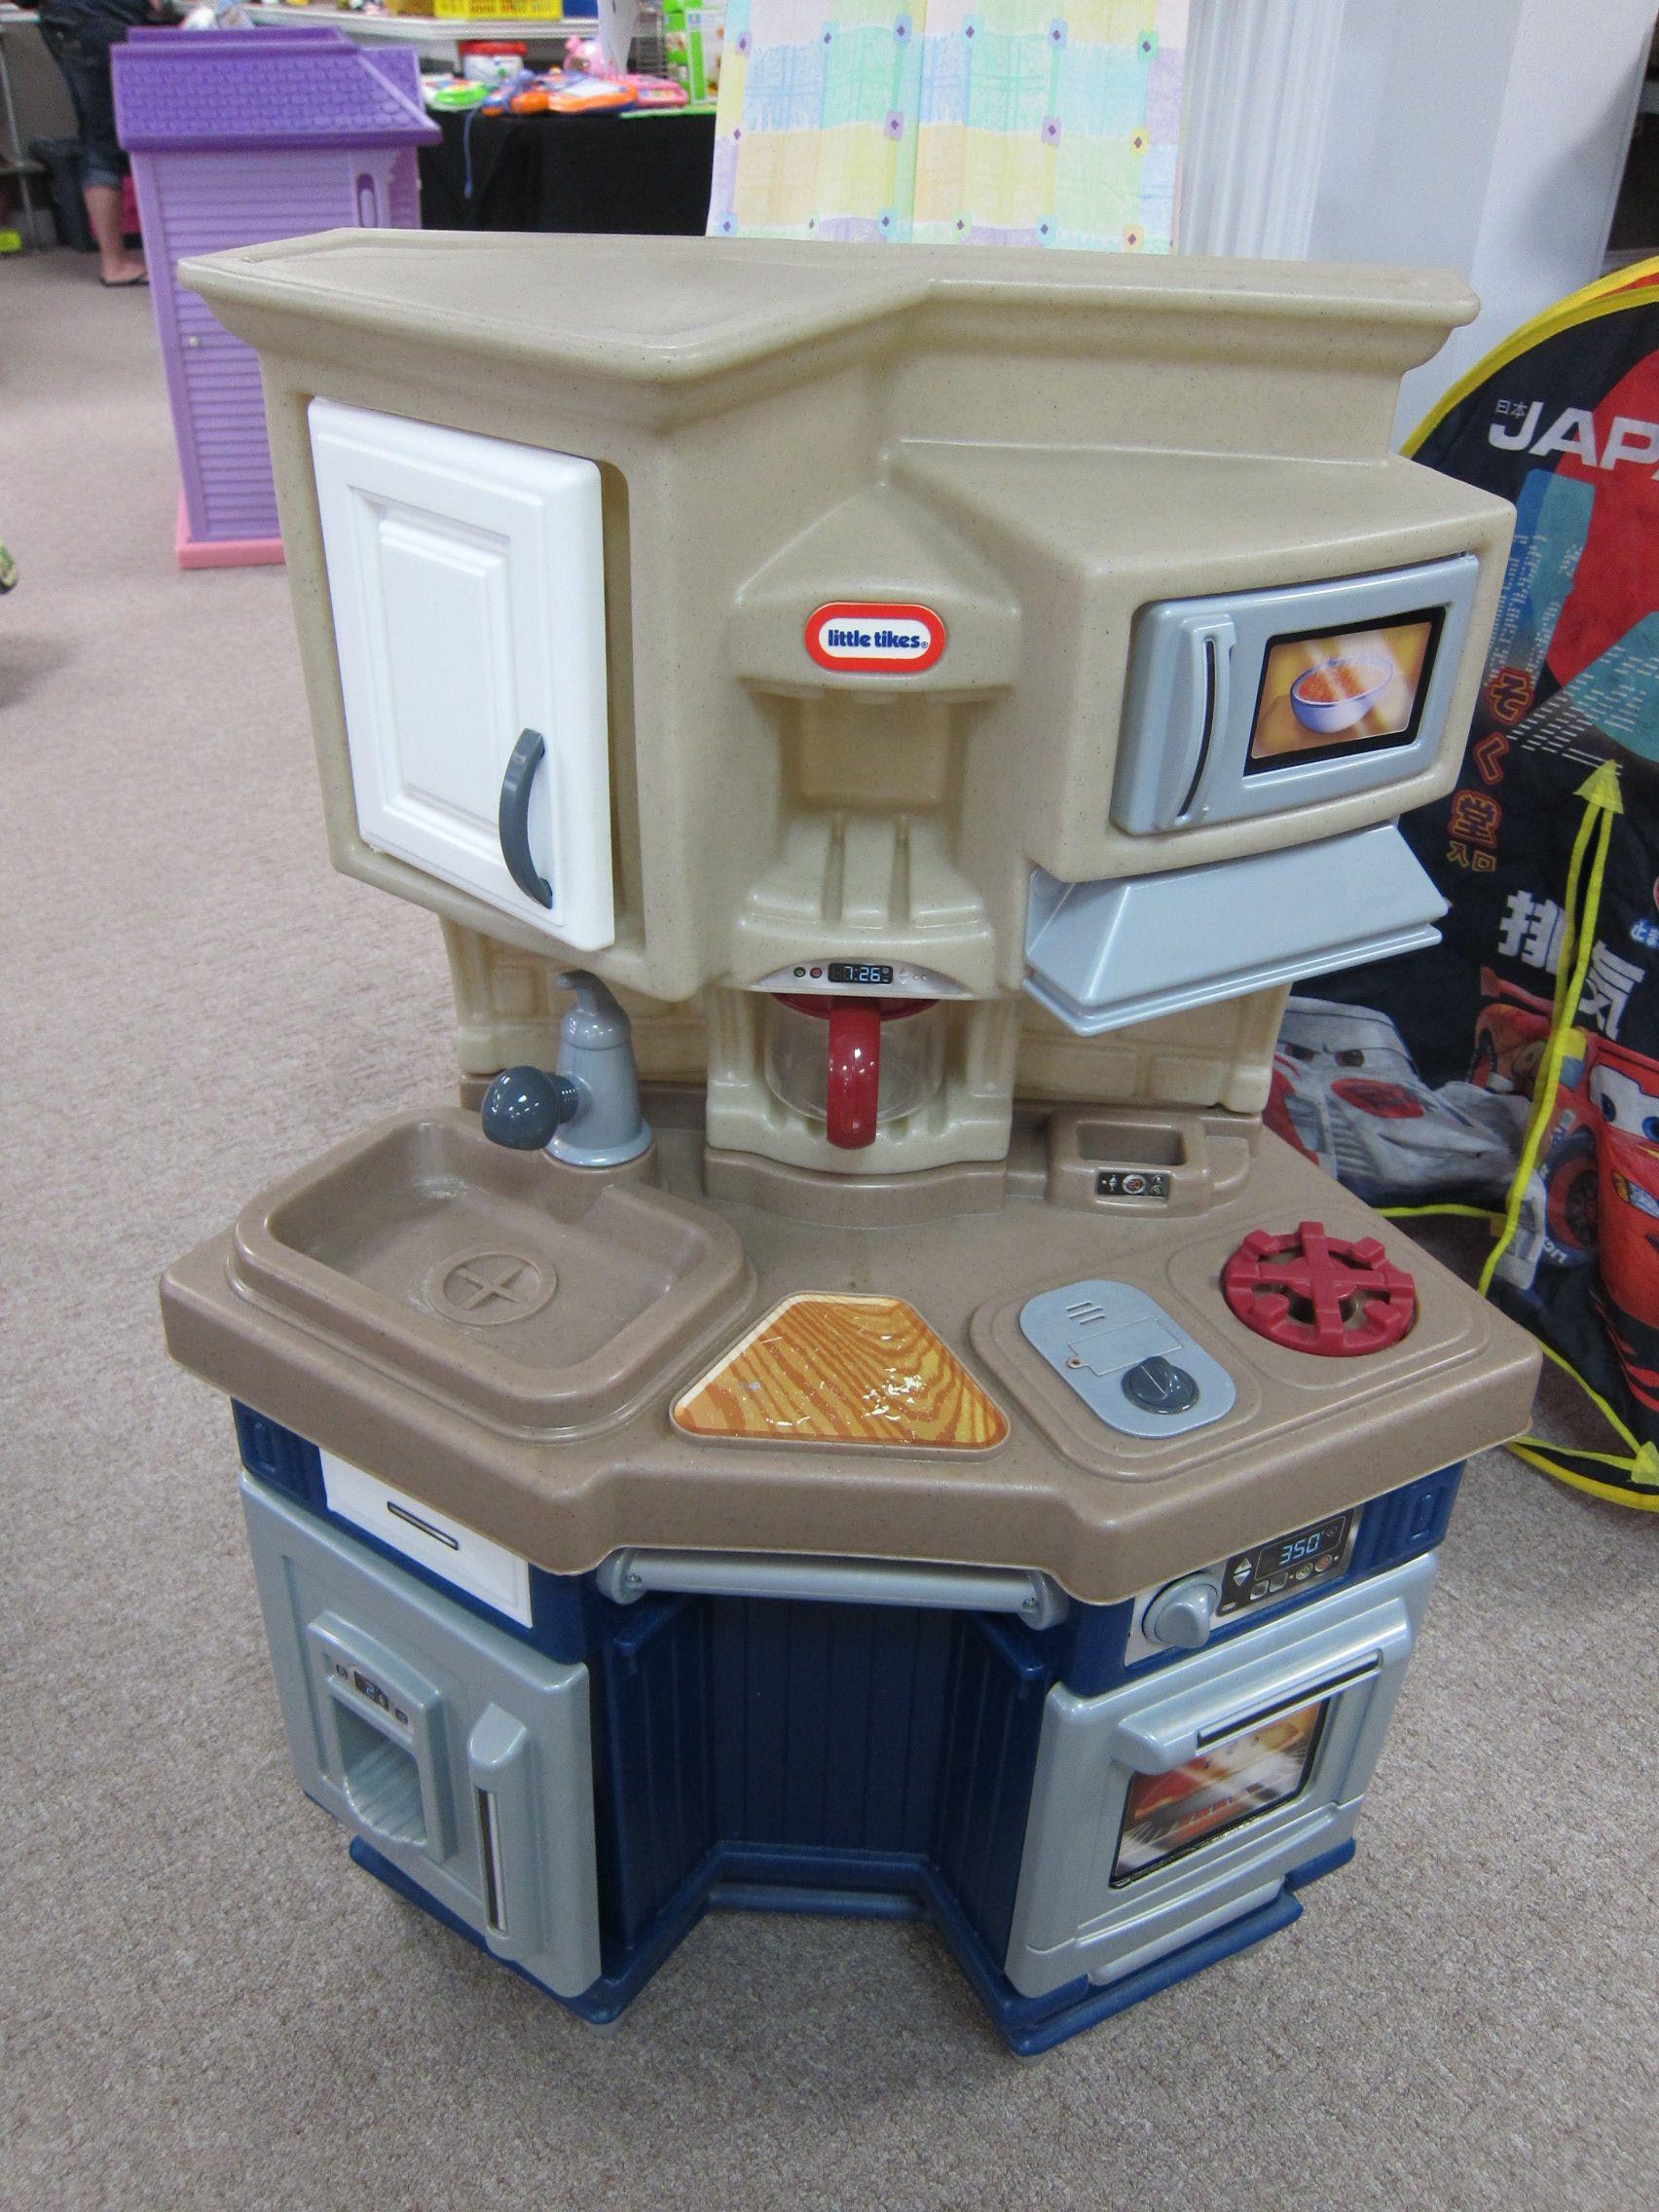 Little Tikes play kitchen Little tikes, Play kitchen, Kids